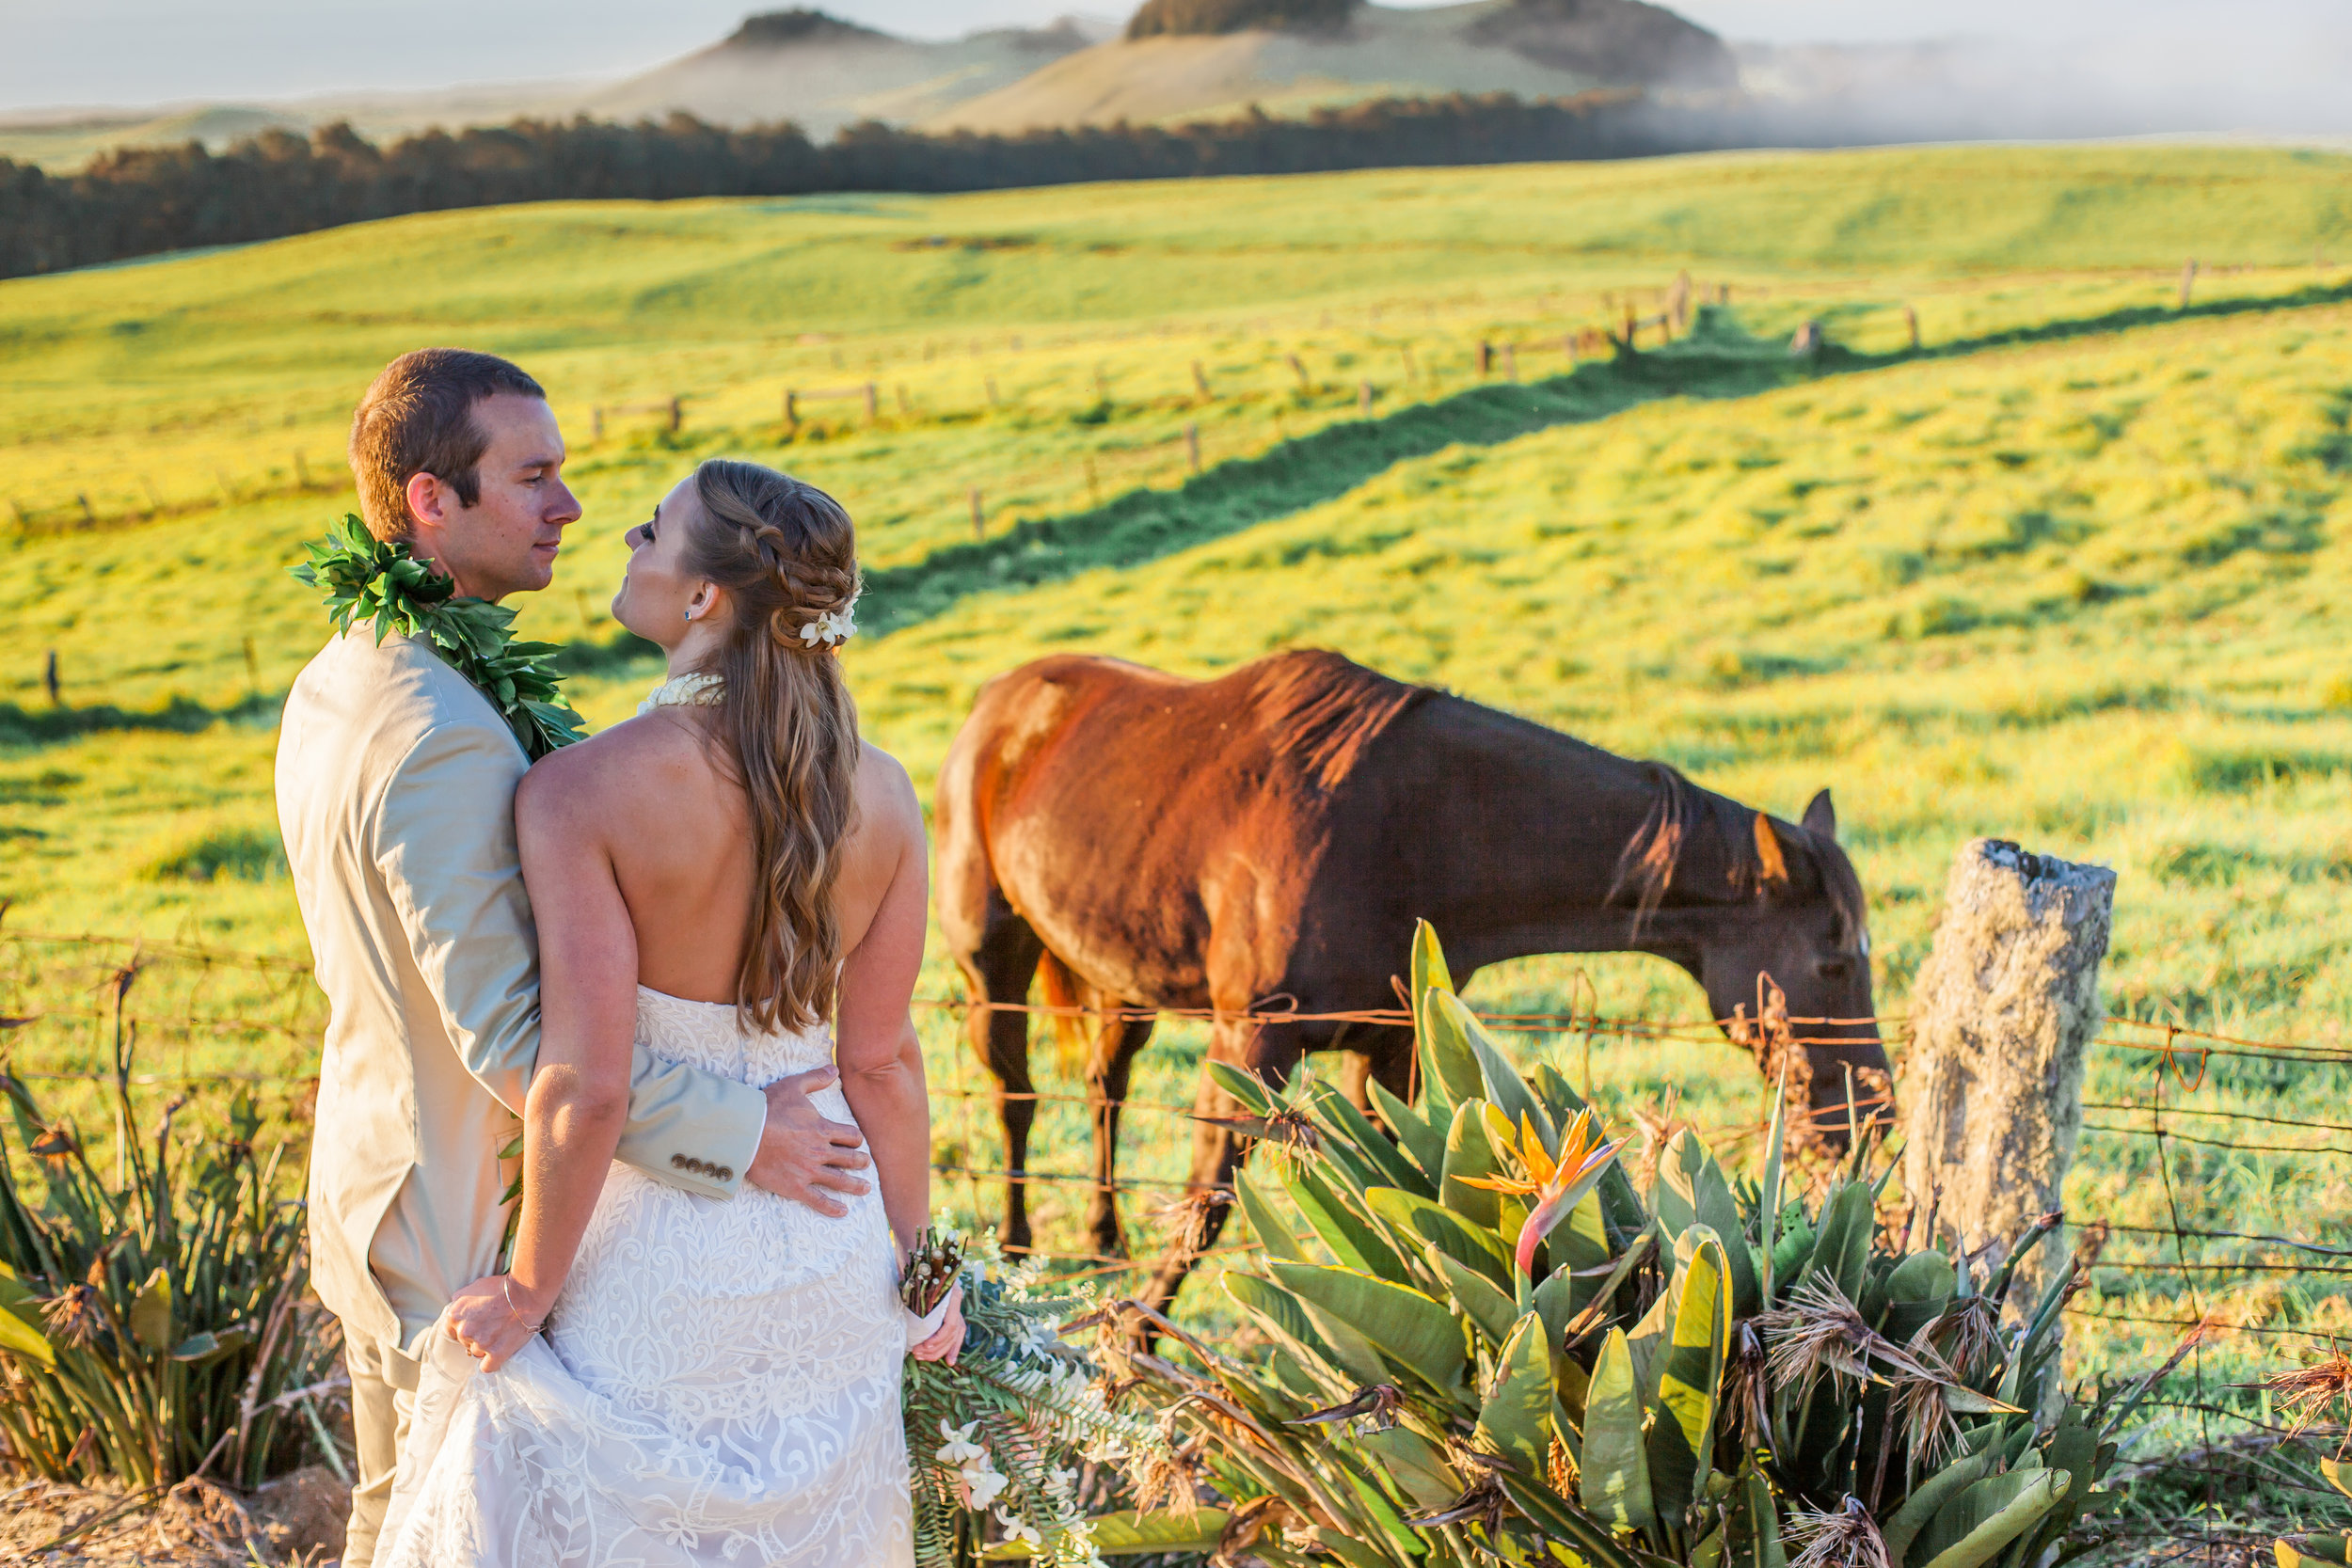 big island hawaii kahua ranch wedding © kelilina photography 20170106174729.jpg